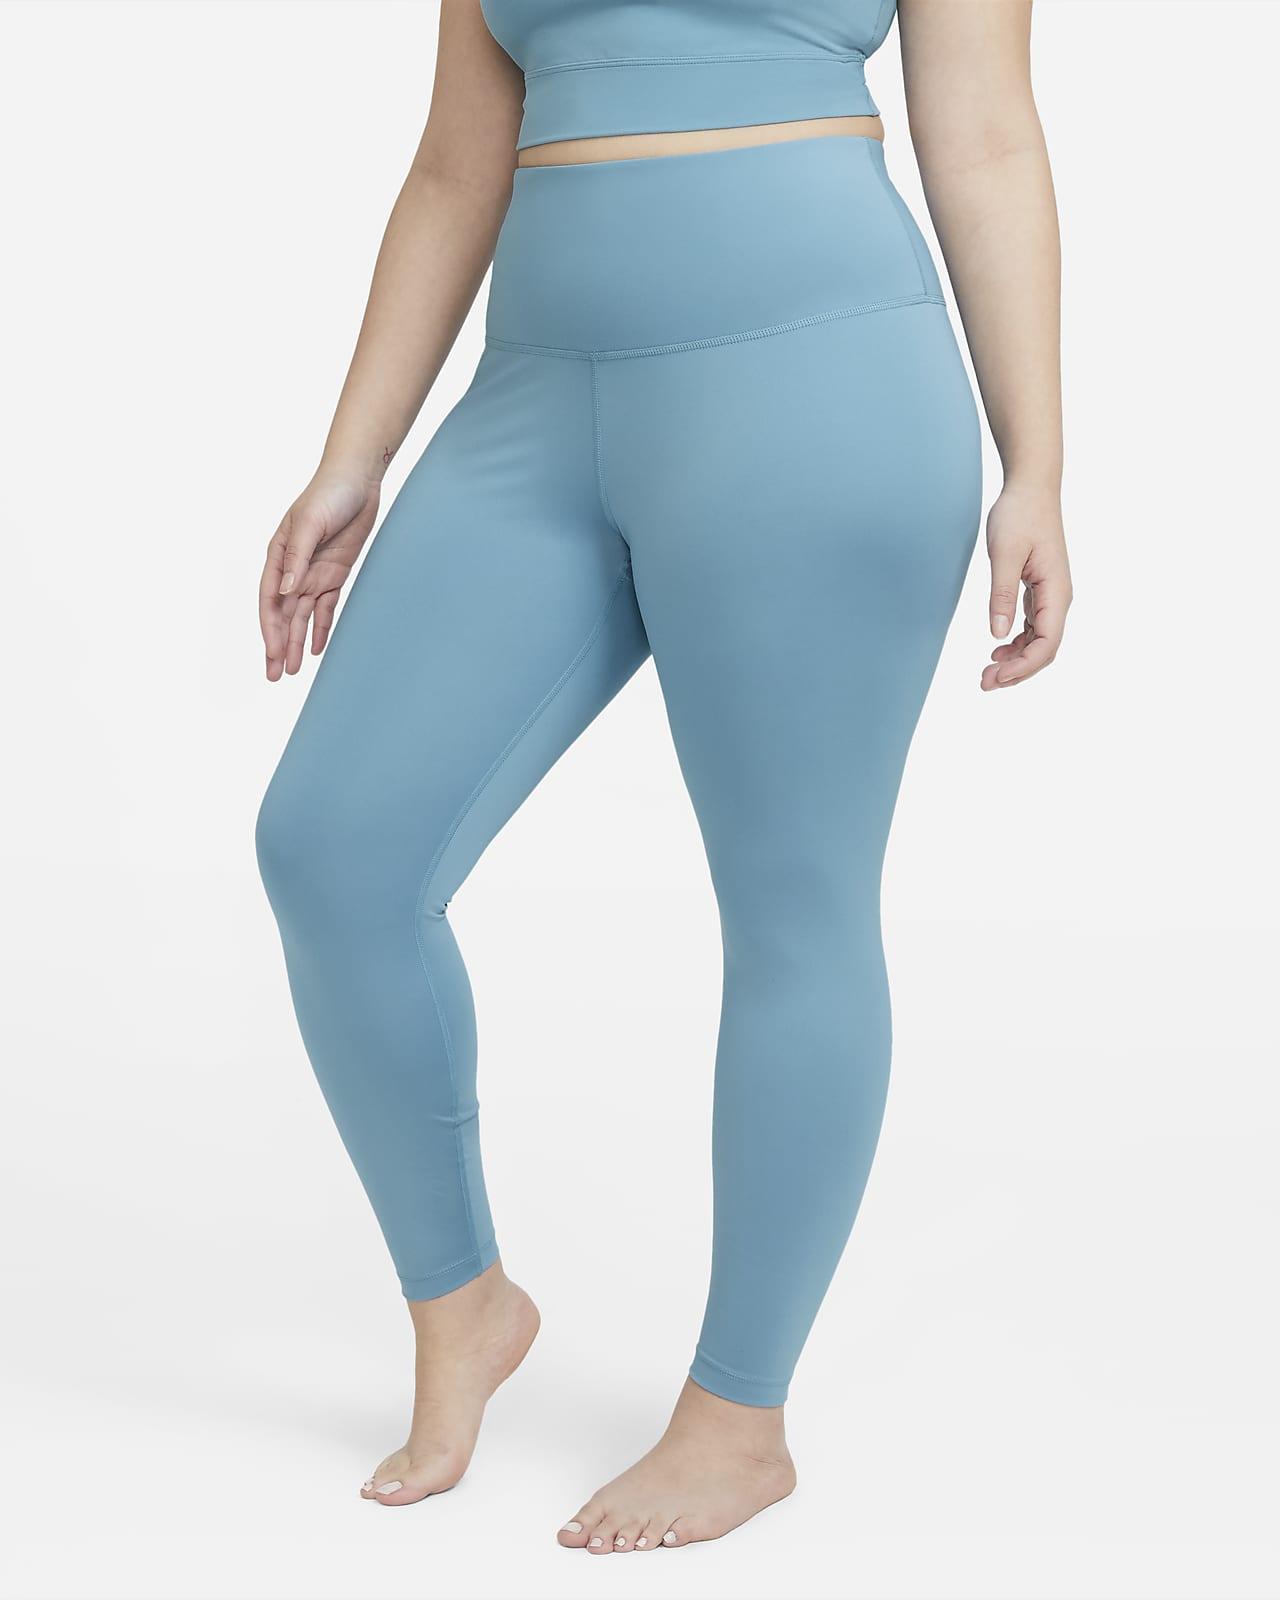 Женские слегка укороченные леггинсы с высокой посадкой Nike Yoga (большие размеры)